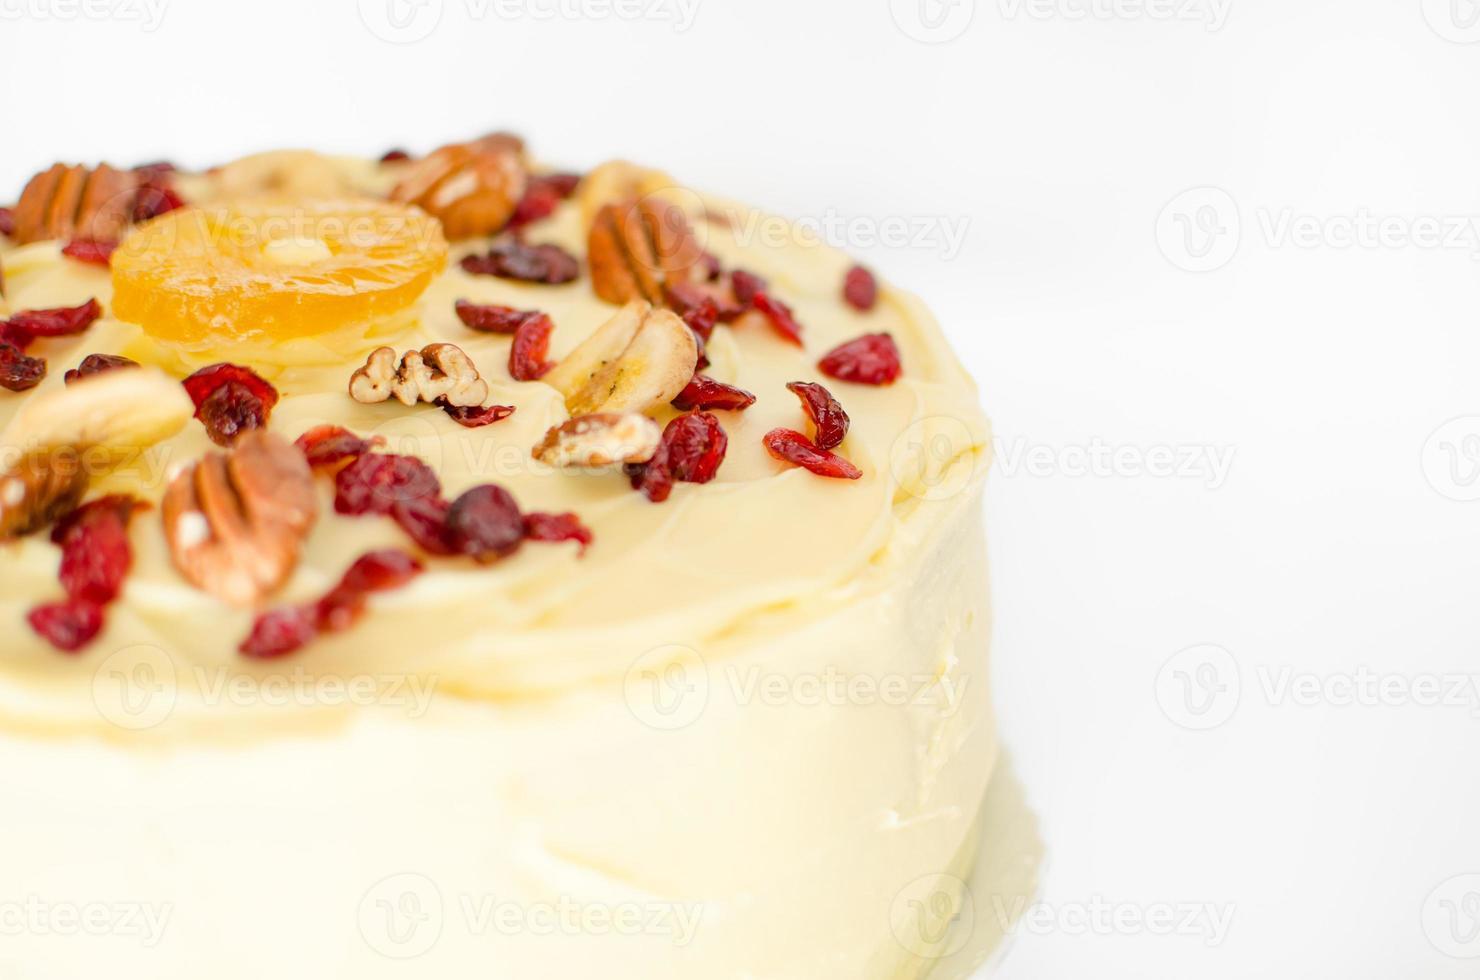 parte superior do bolo beija-flor foto